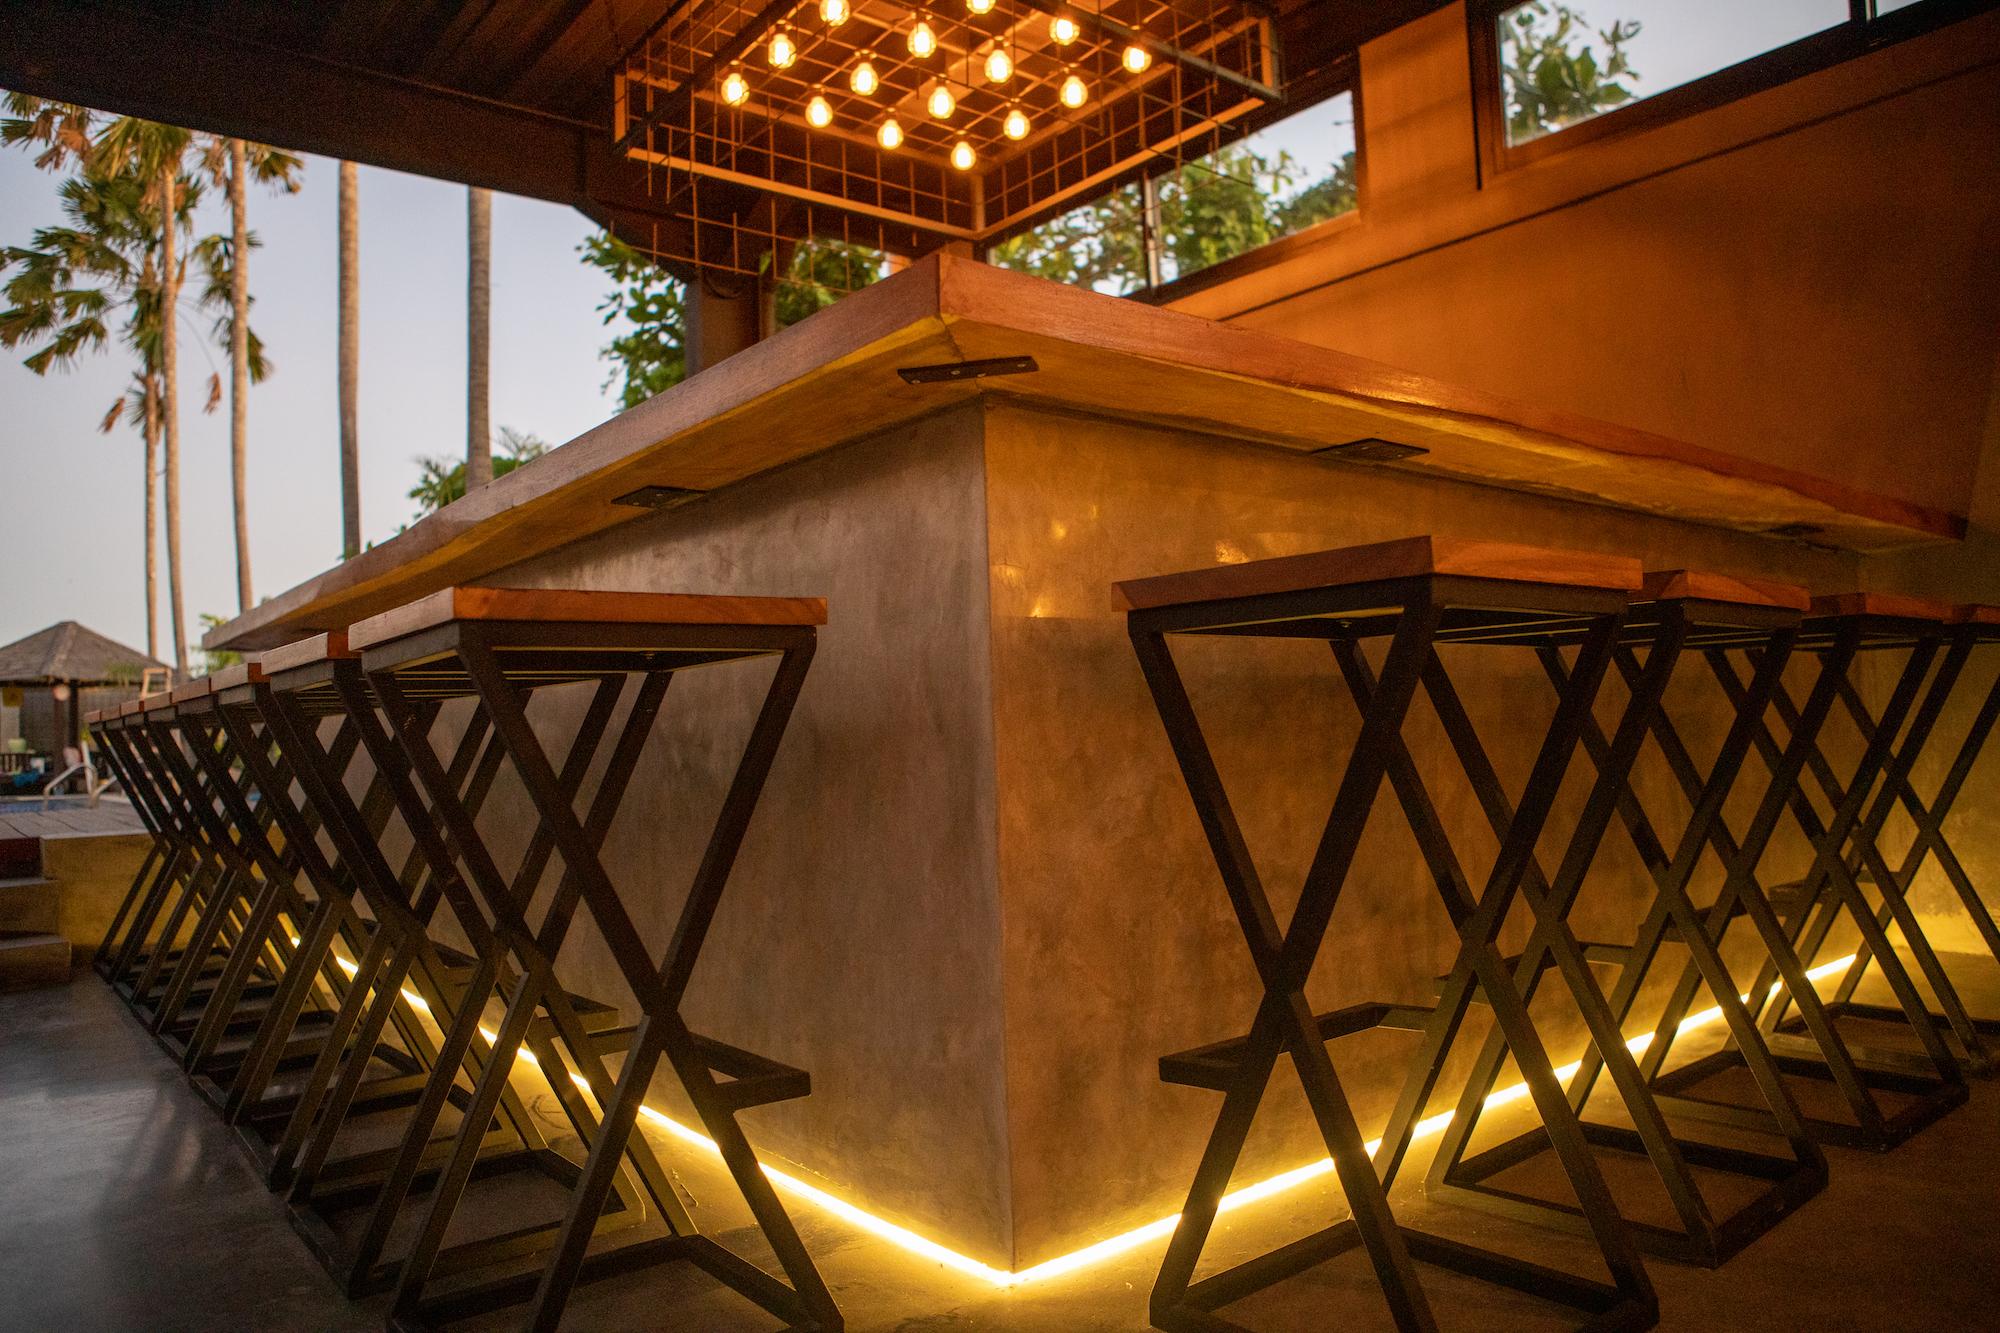 Venue-stools